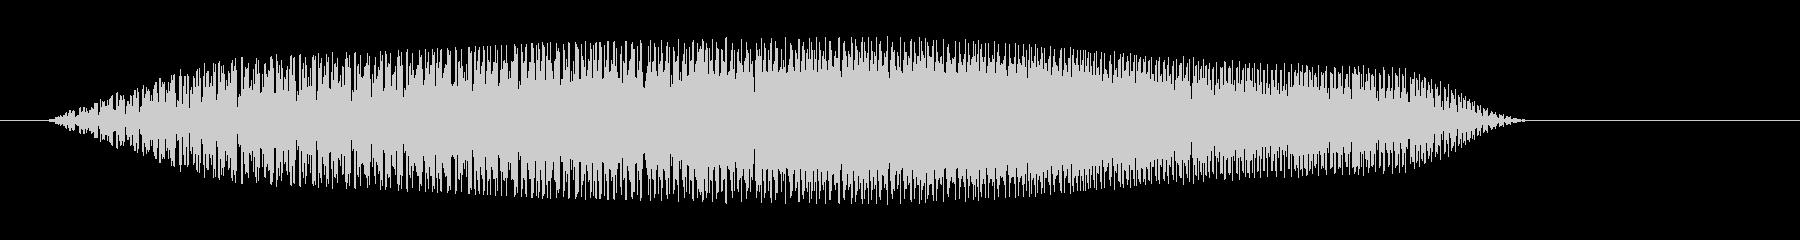 ブエッ(ファンシーでシンプルな決定音)の未再生の波形